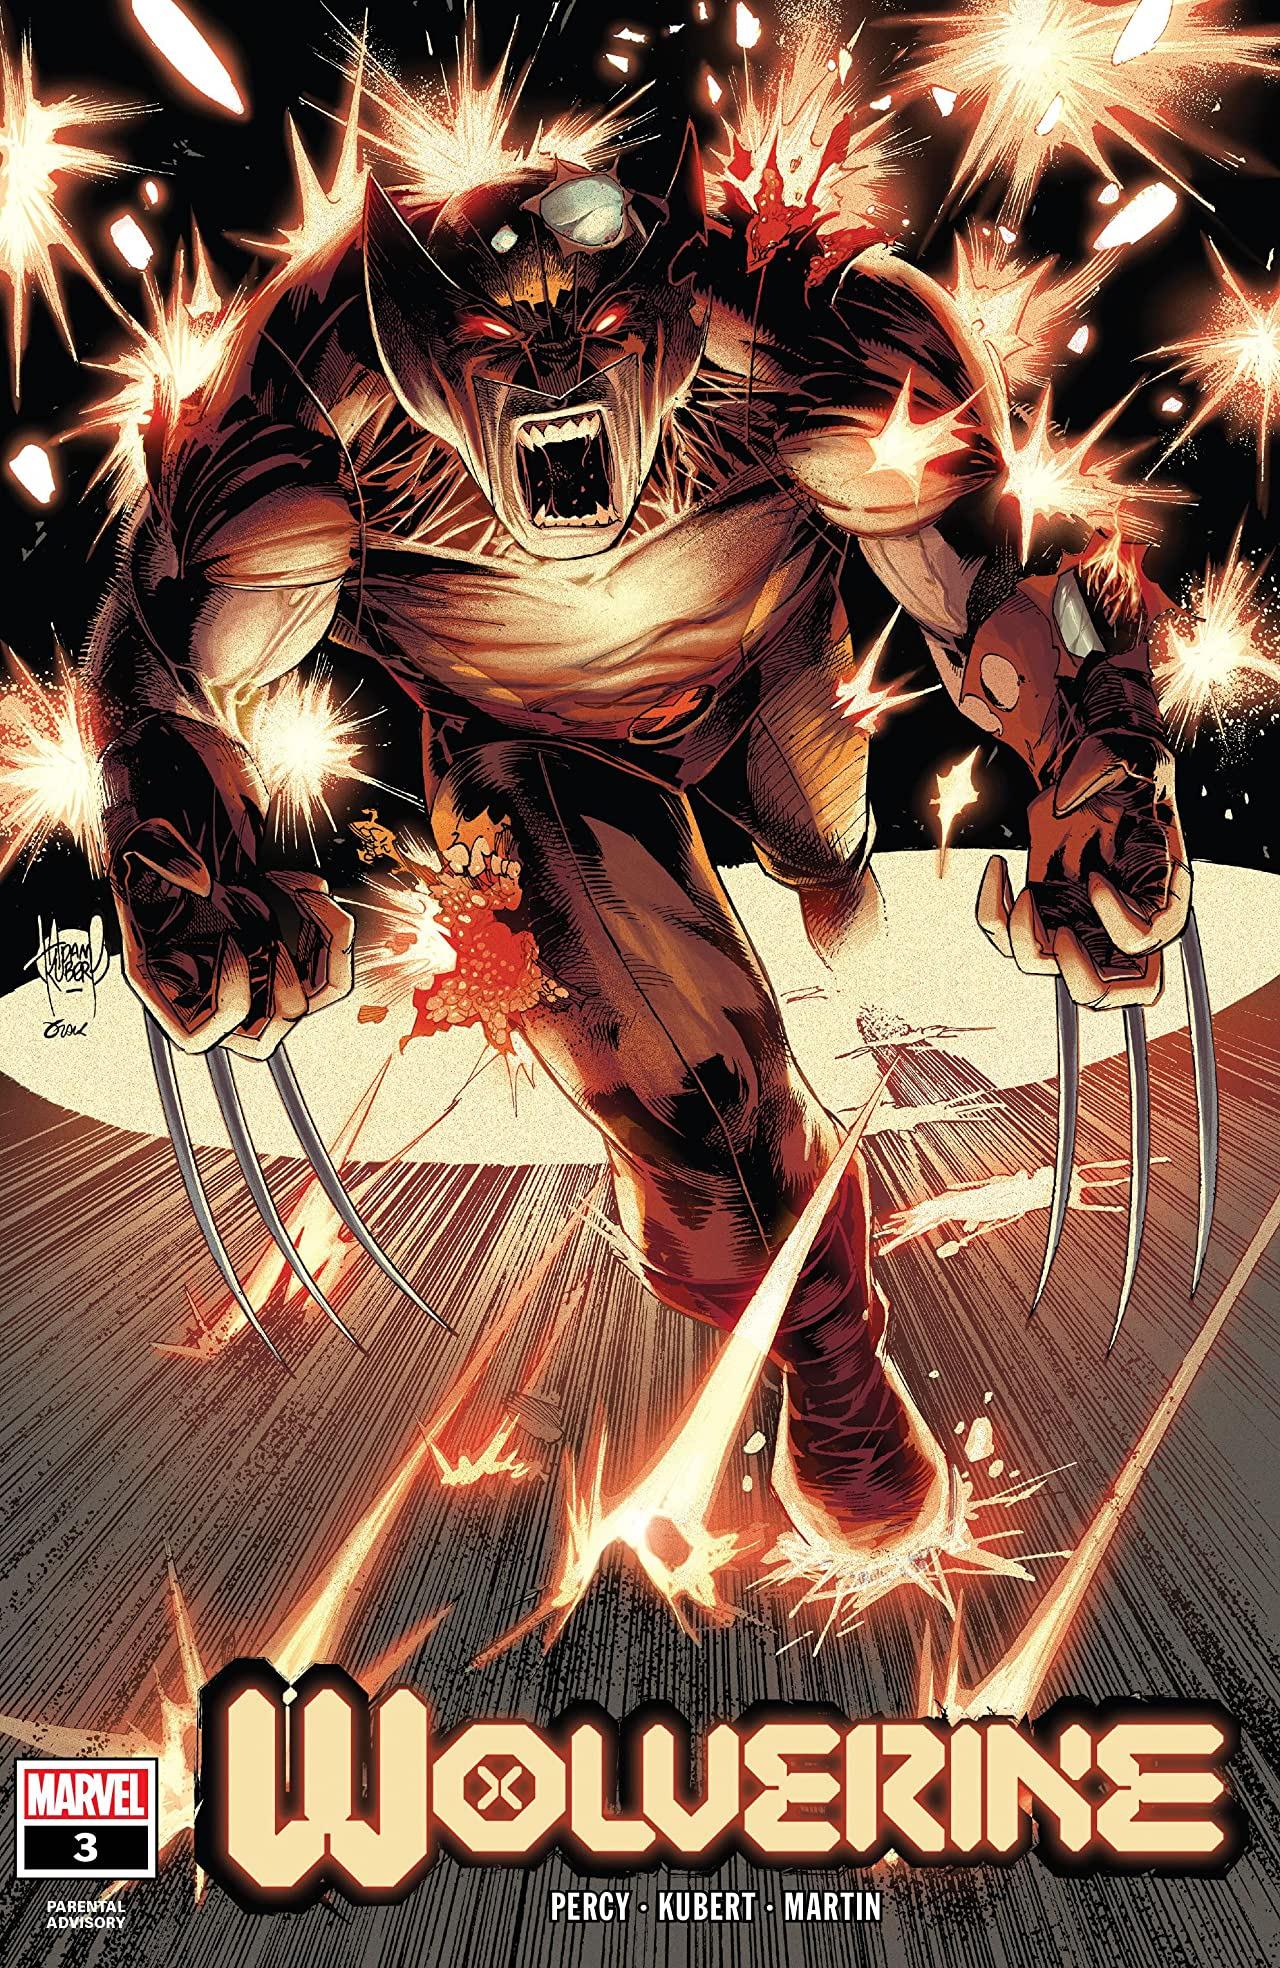 Wolverine Vol 7 3